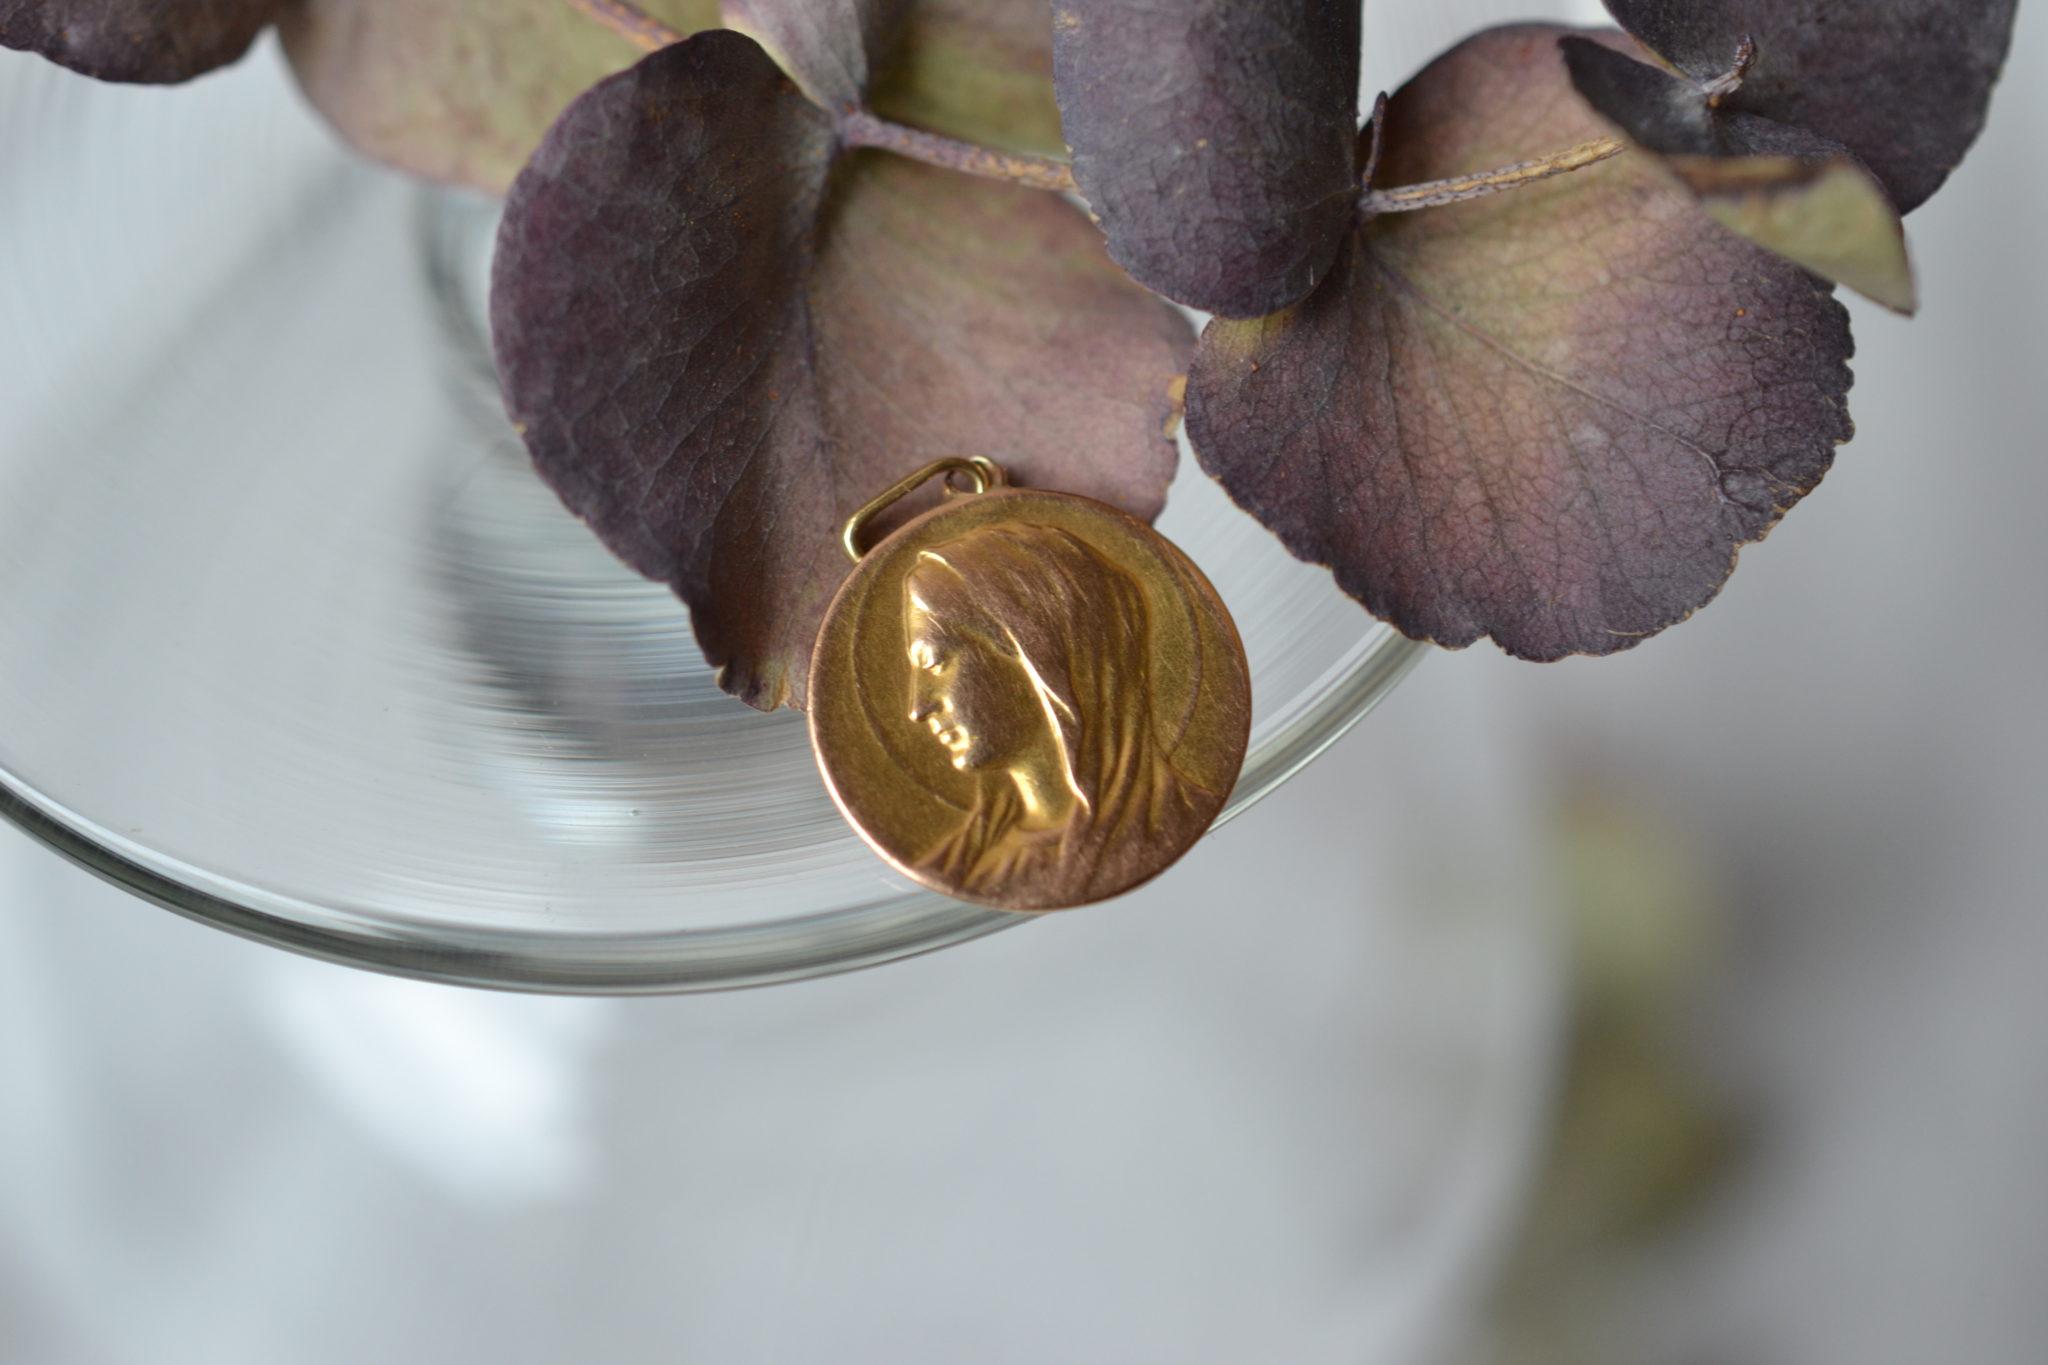 Médaille En Or Jaune Représentant La Vierge Marie De Profil, Décorée Au Dos D'une Fleur Et D'une Gravure Bijou Seconde Main